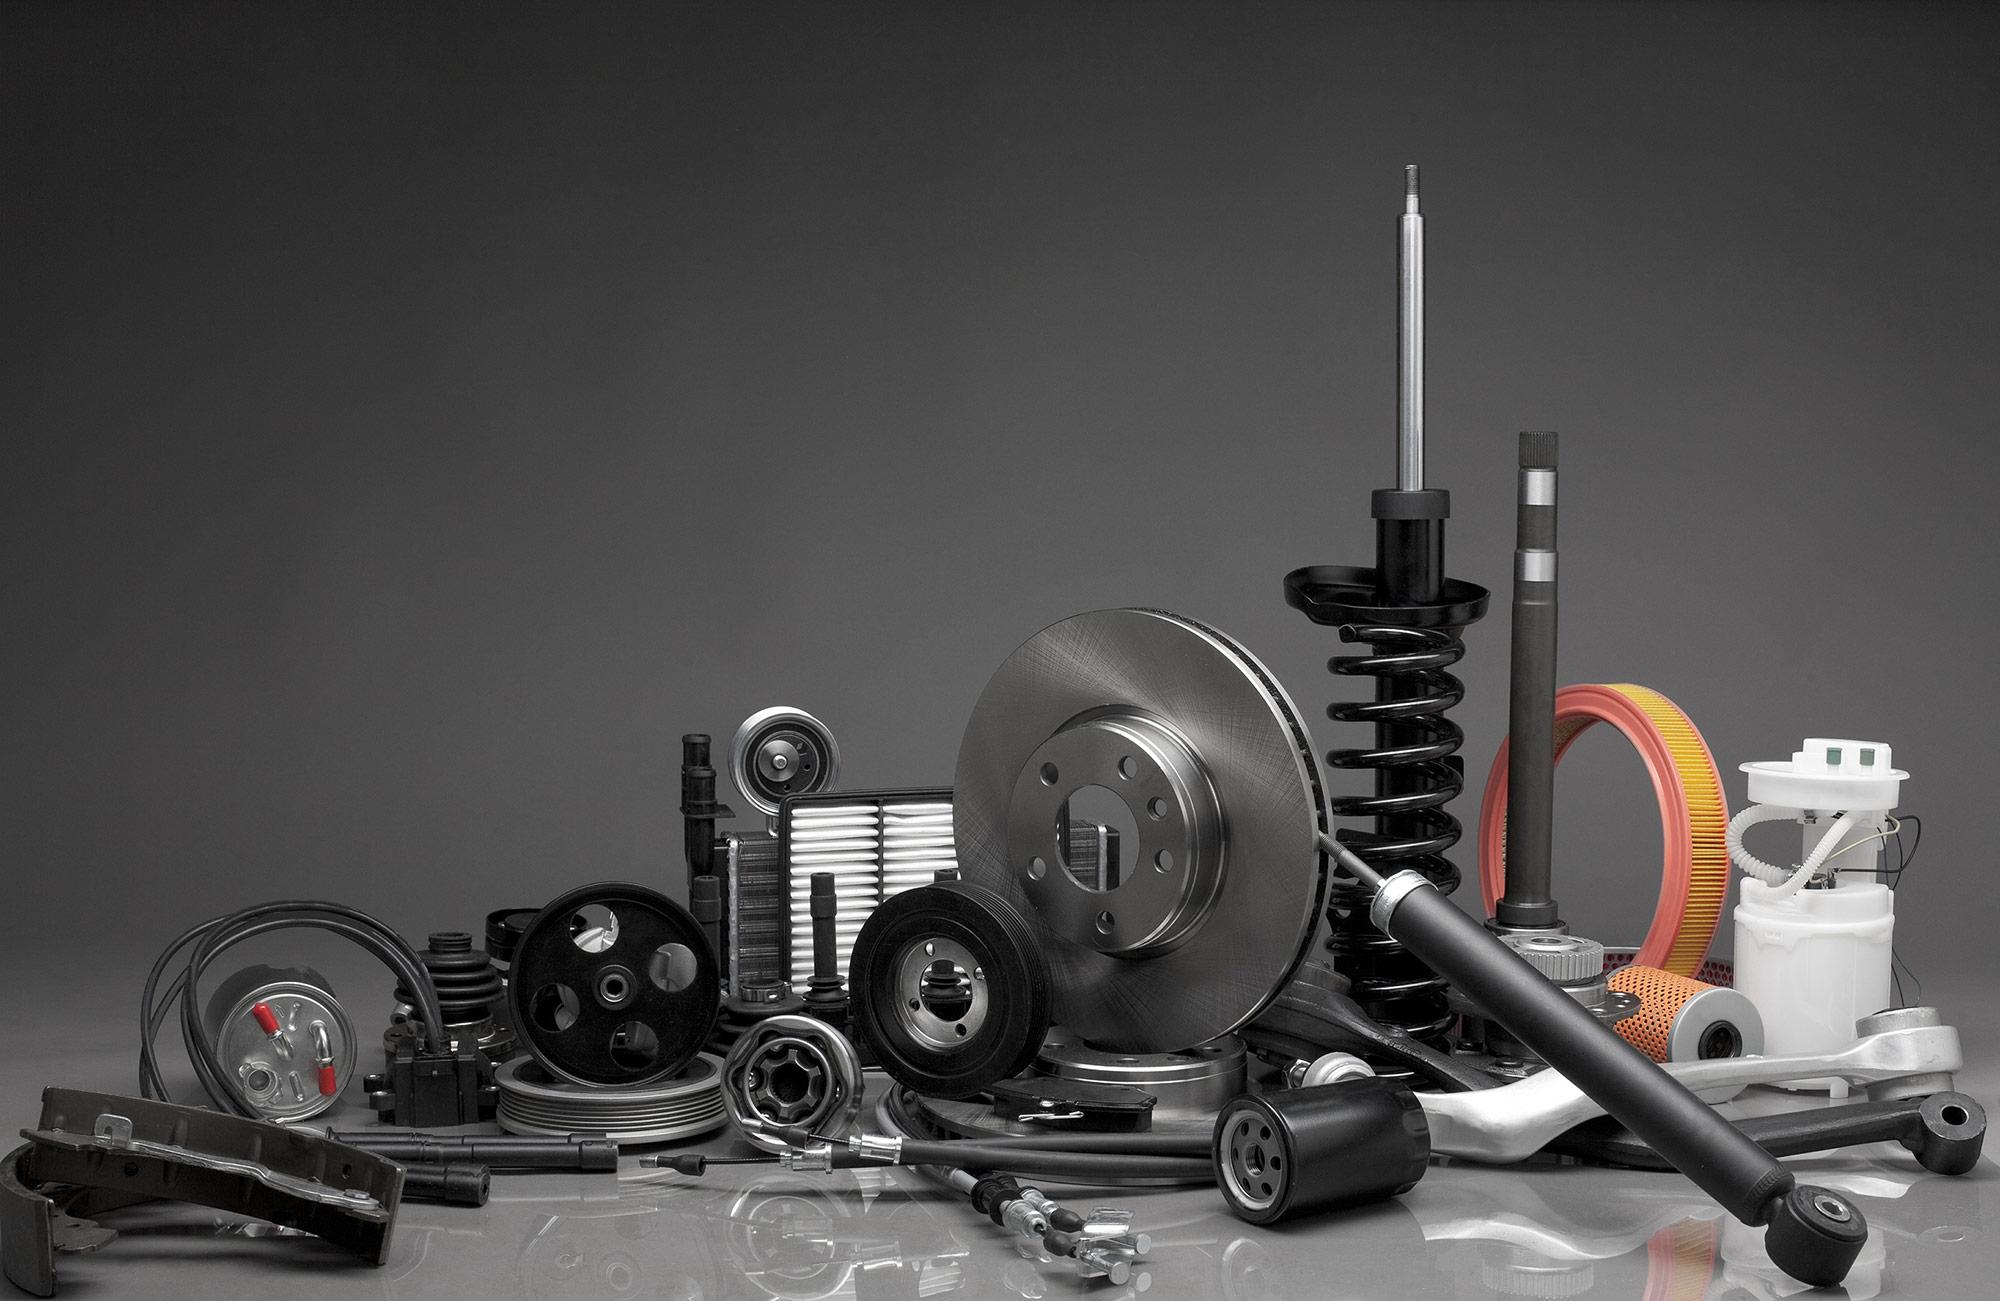 pate joint moteur starosil vente en gros de pi ces auto genac france. Black Bedroom Furniture Sets. Home Design Ideas